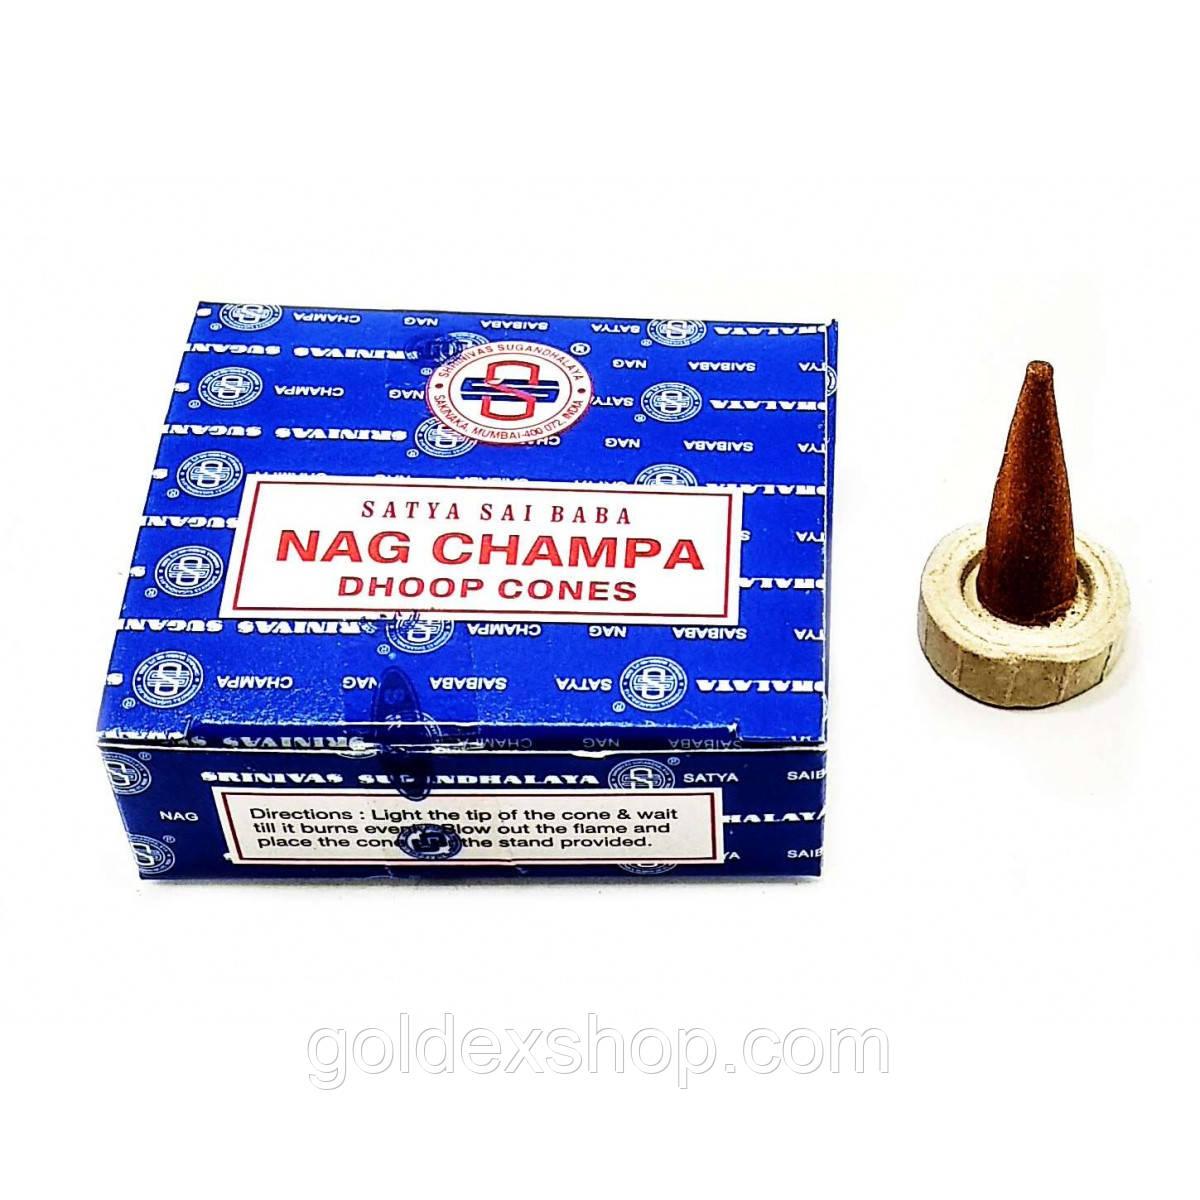 Благовоние Nagchampa Dhoop Cones (Нагчампа)(Satya) (12 шт/уп) конусы